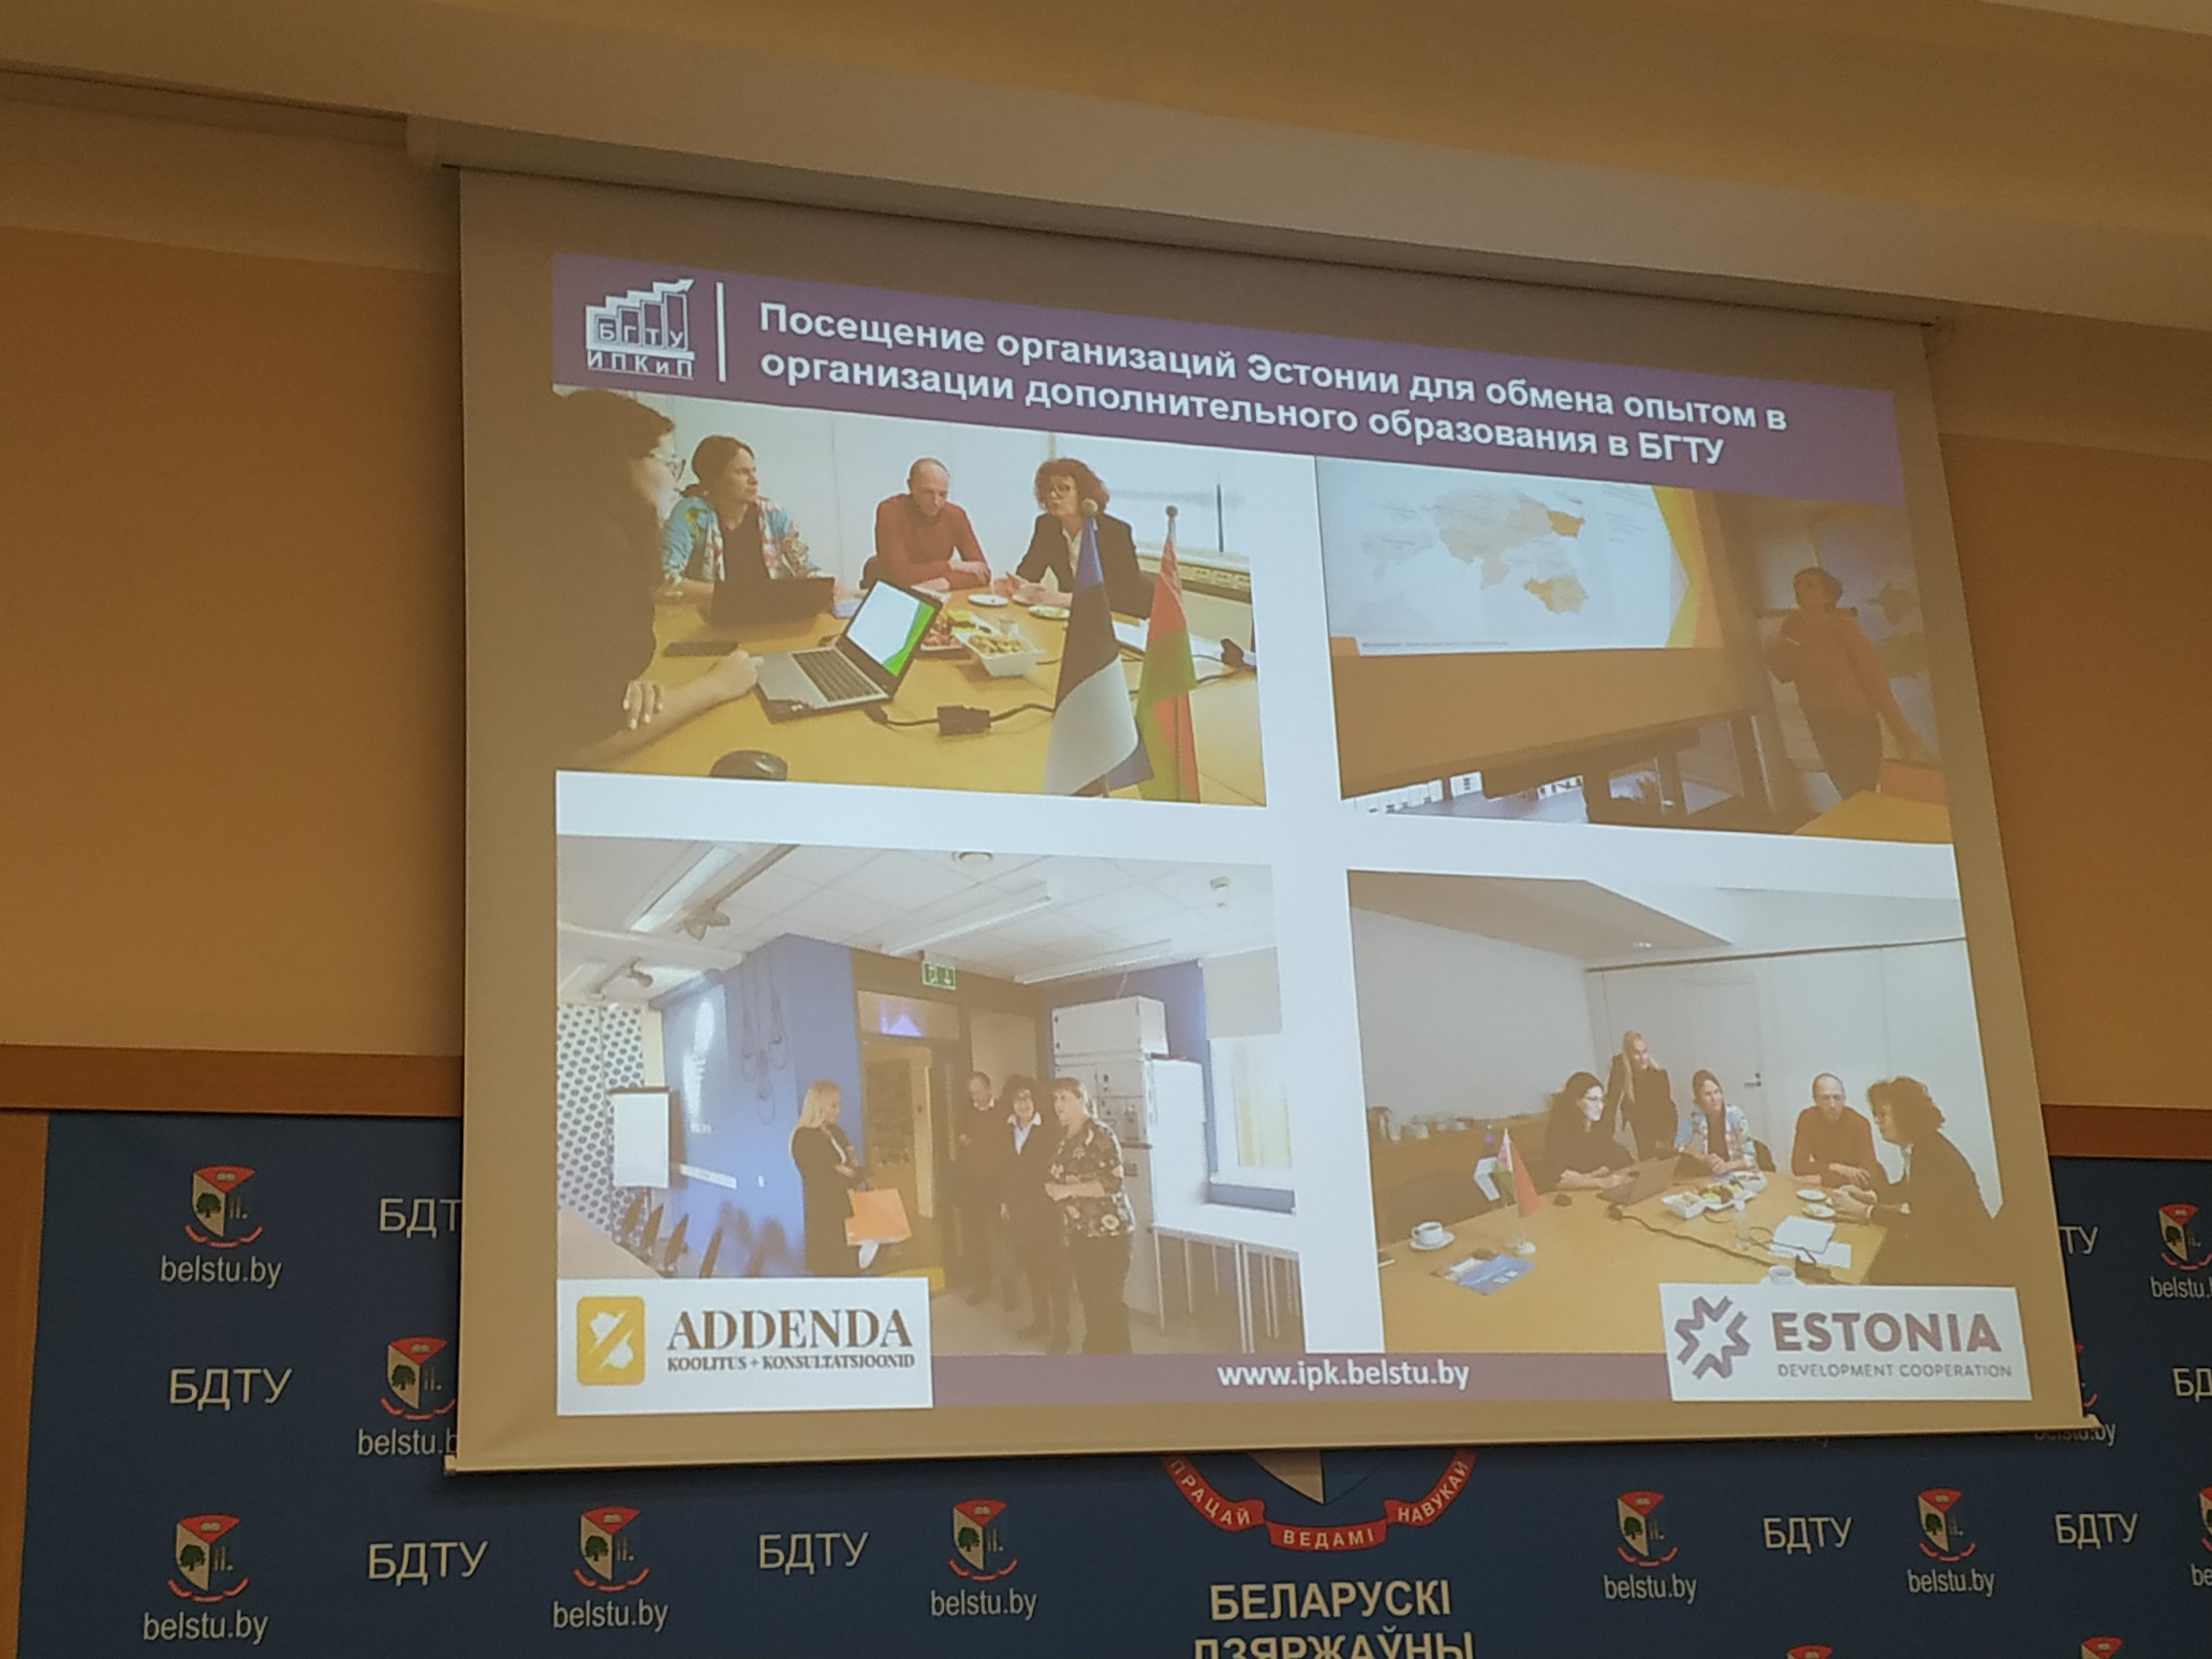 Имплементация эстонского опыта в организации дополнительного образования в БГТУ